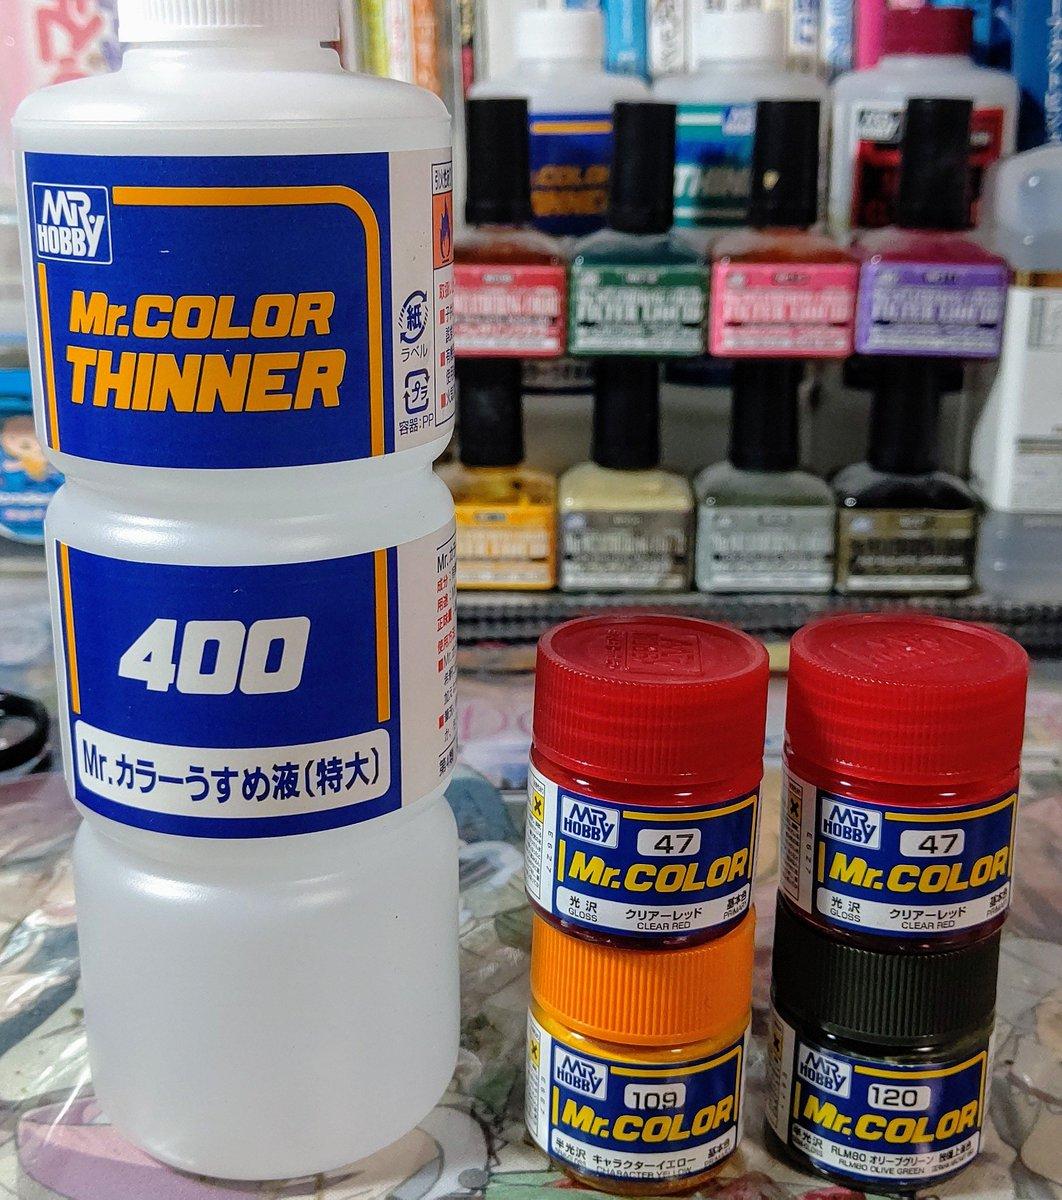 test ツイッターメディア - エラヤにて薄め液+塗料を購入、ネイビーブルーが無かったのは残念だけど仕方なし。こうやってふらっと立ち寄れる店があるのはホント助かりますね。 https://t.co/E2O9aXpmsG